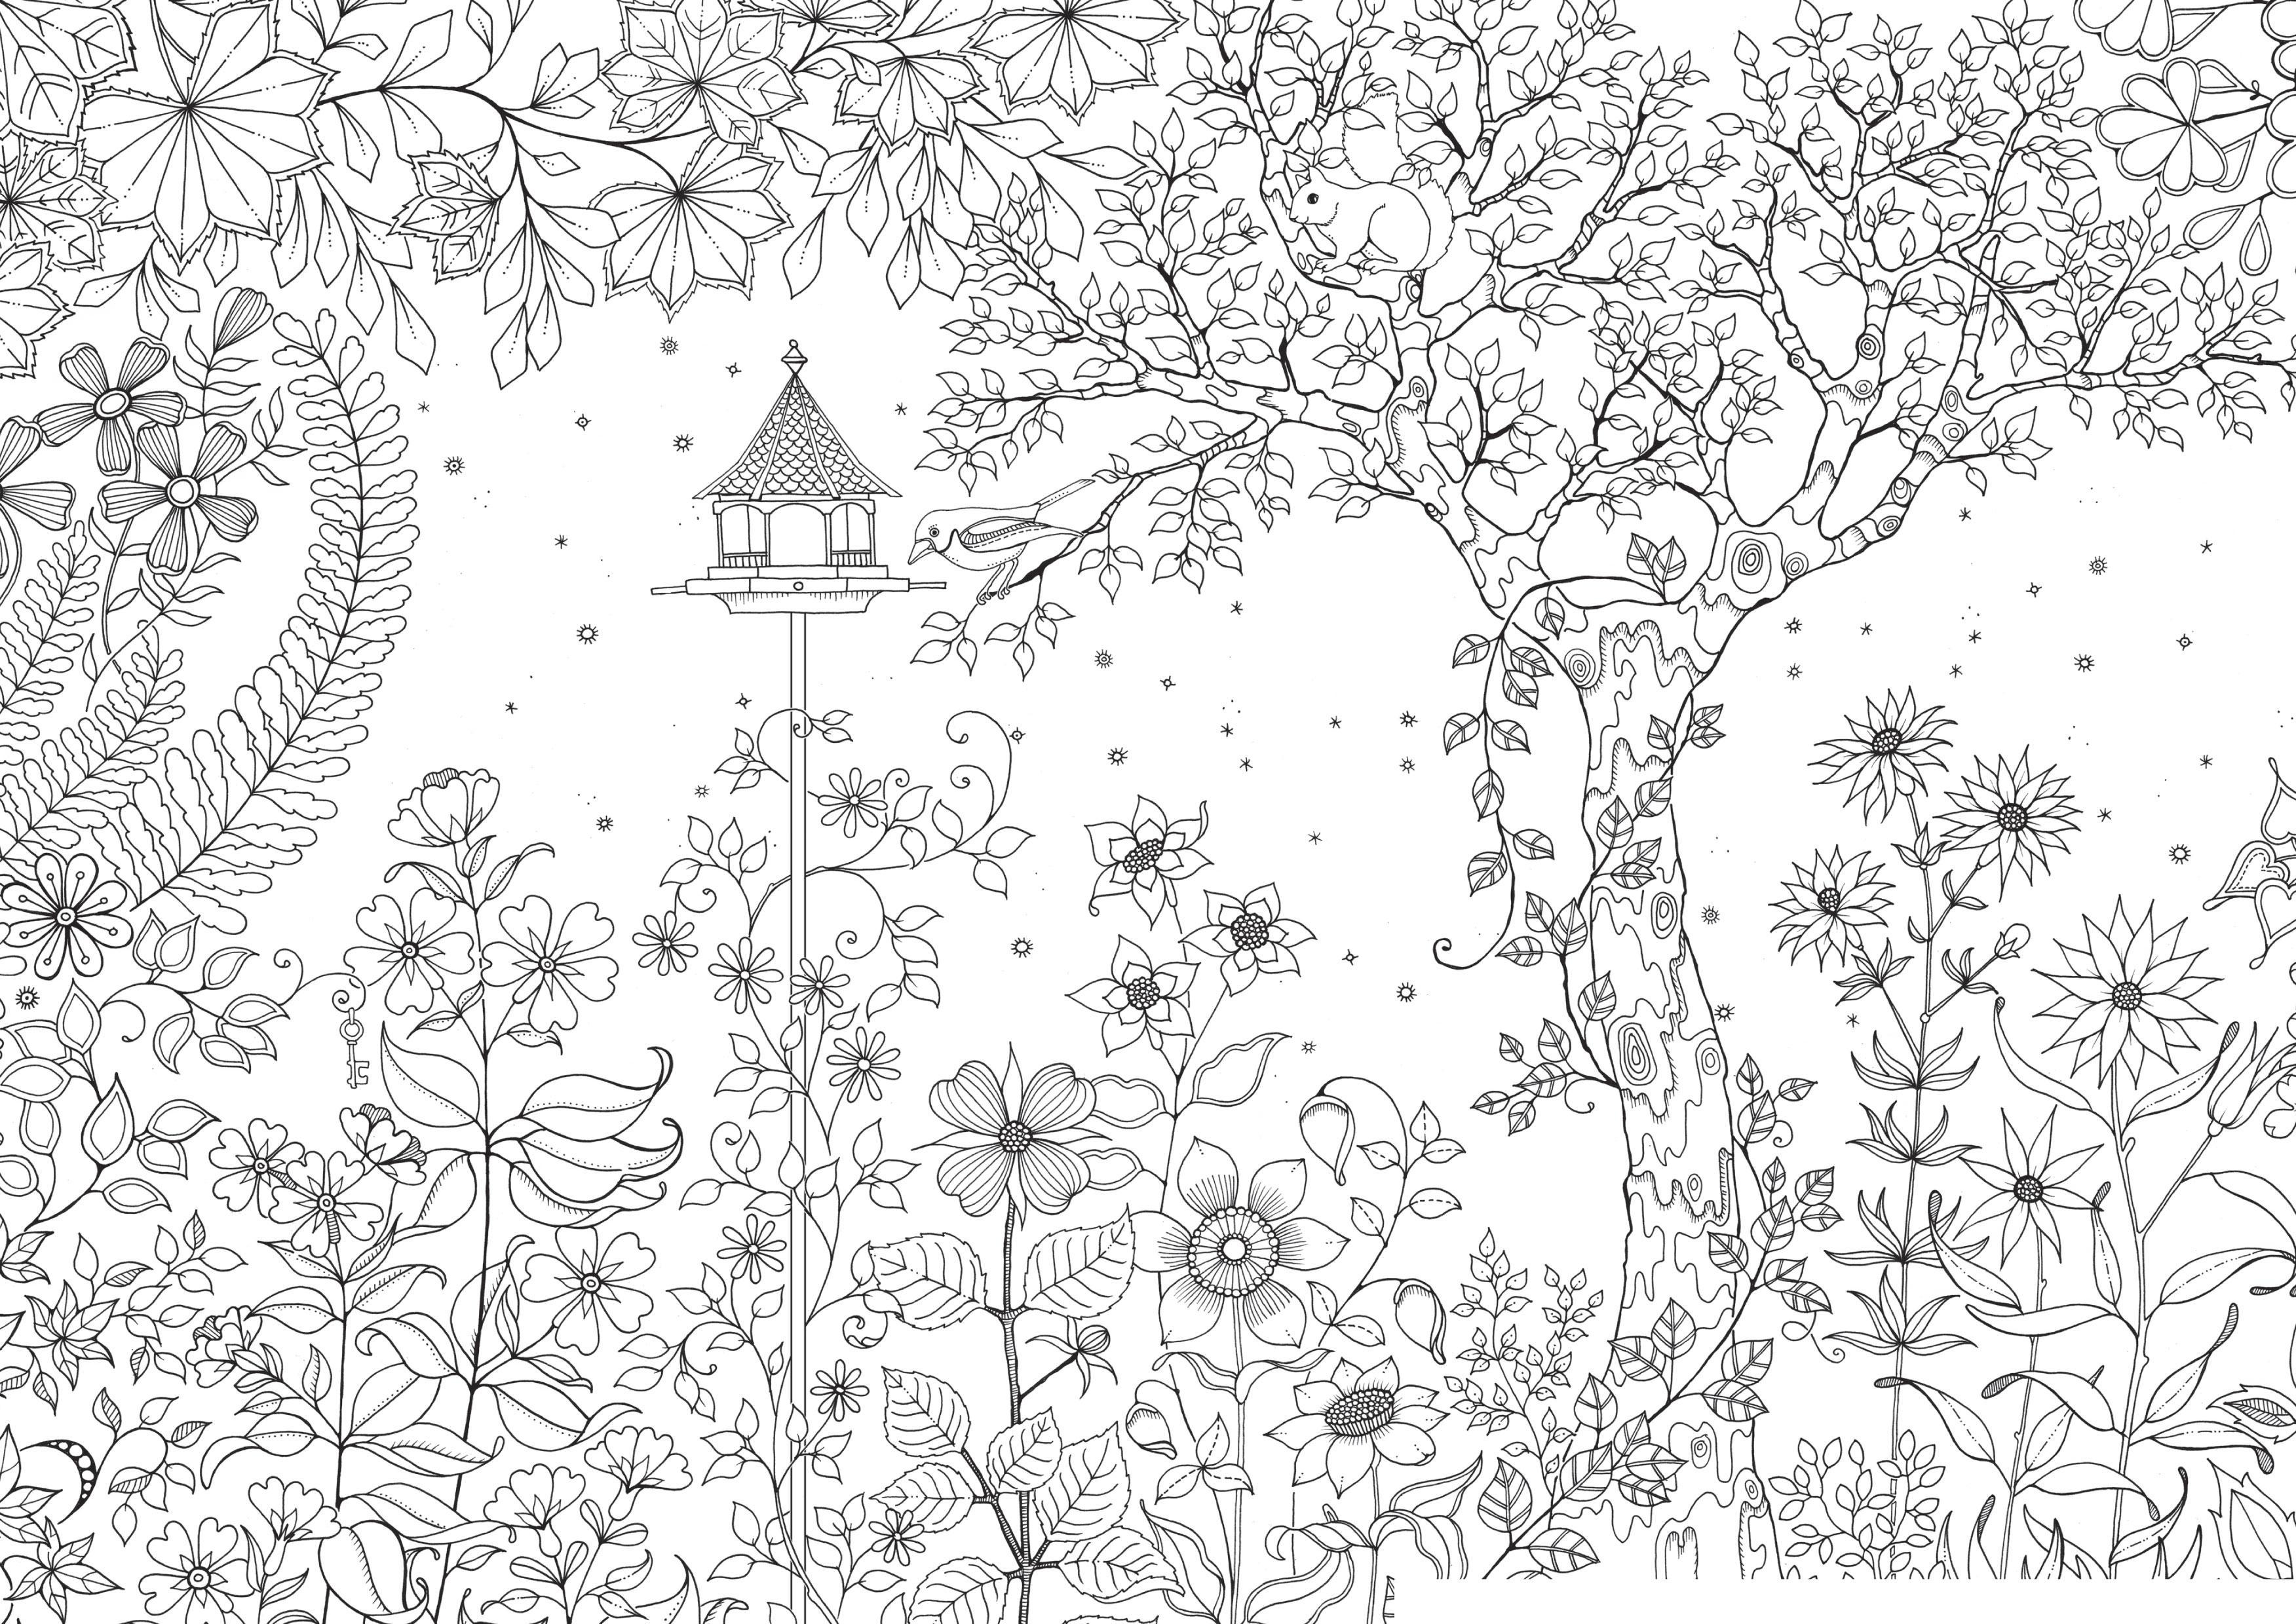 Море цветов возле дерева и маленький домик